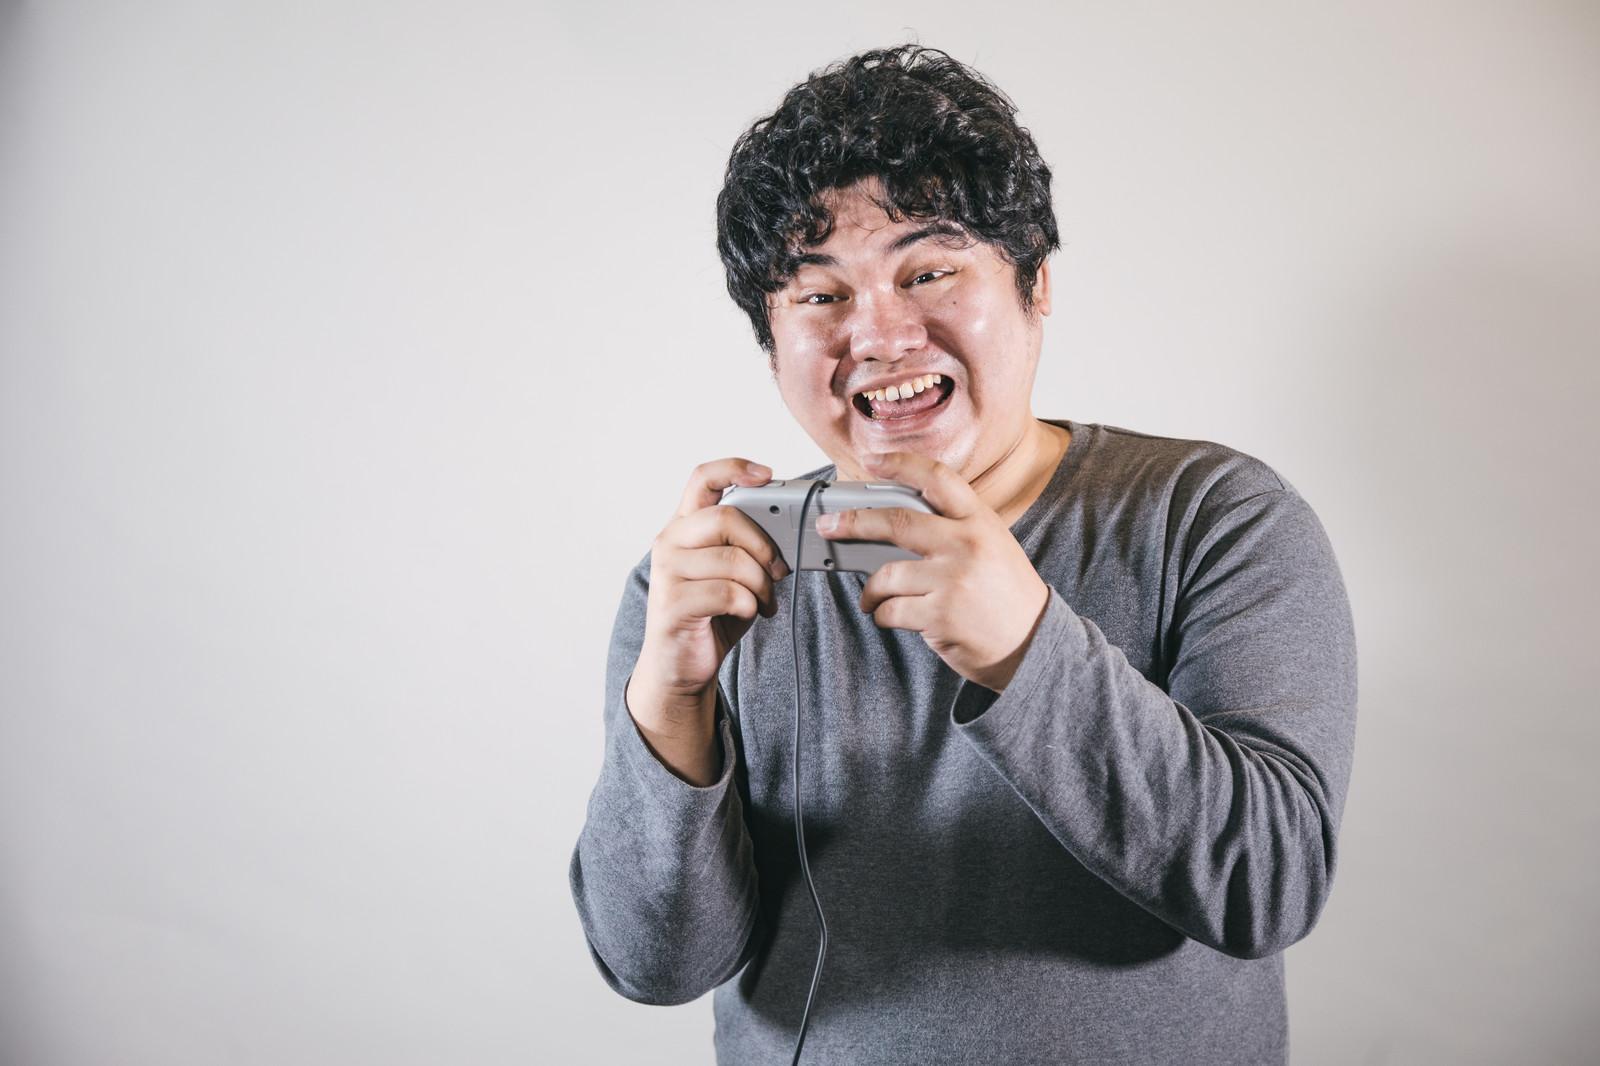 ゲームのコントローラーを持つ男性